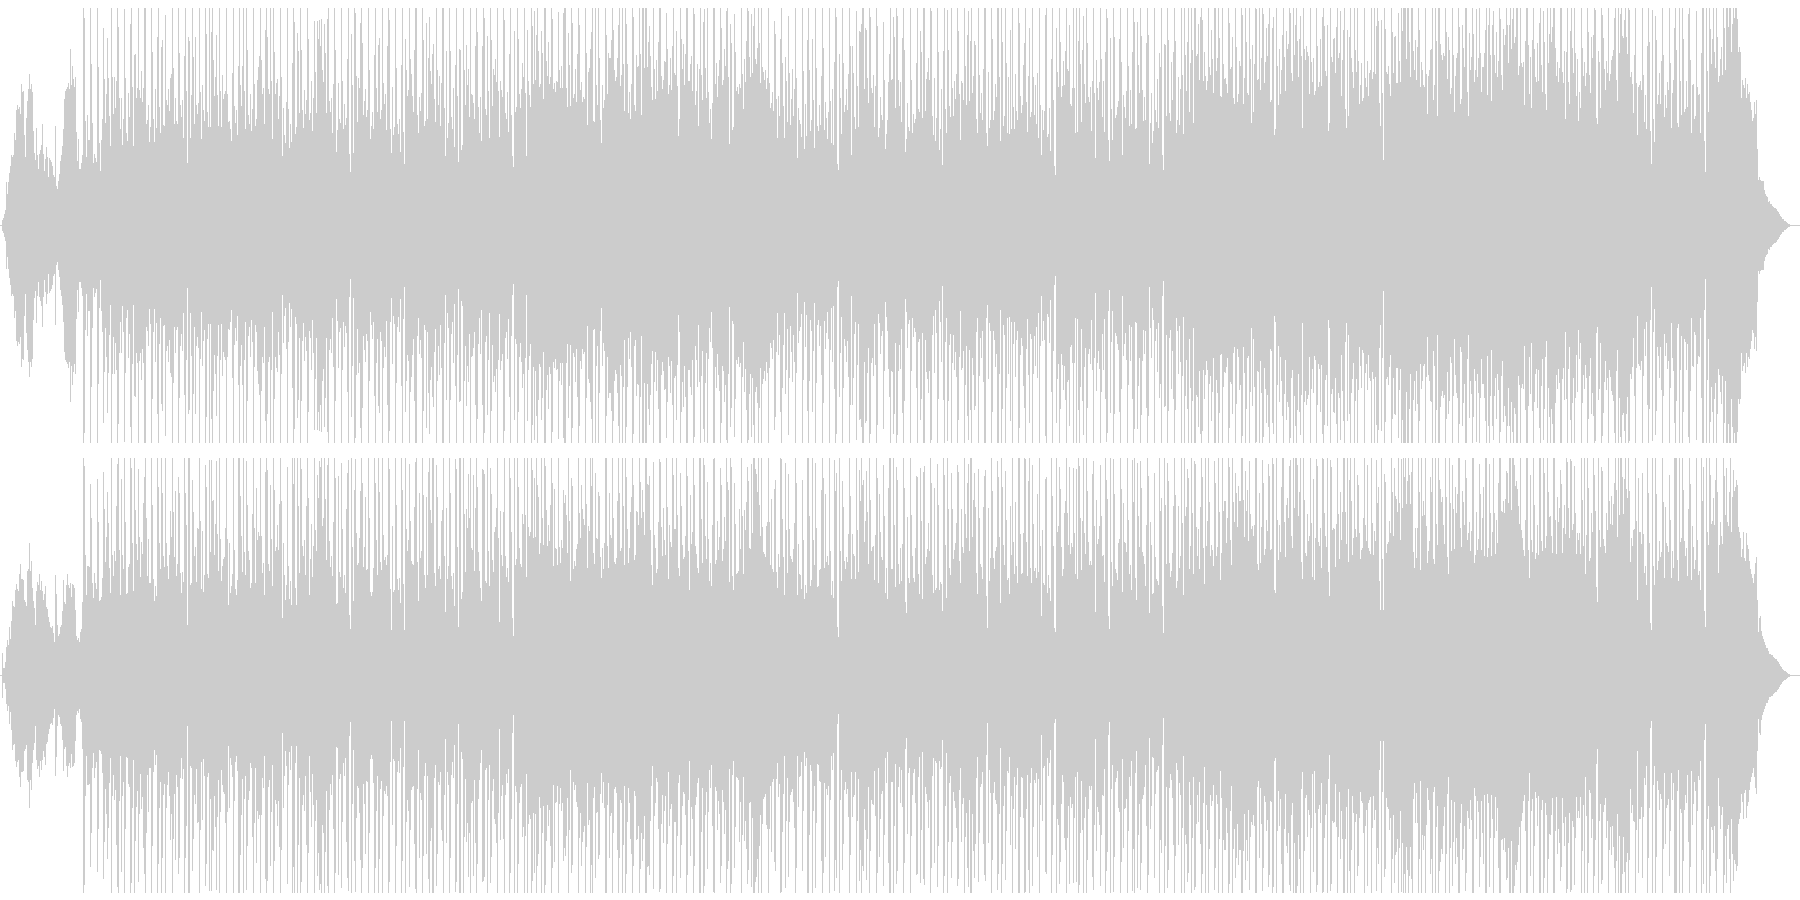 インド・東洋風チルアウトビートの未再生の波形